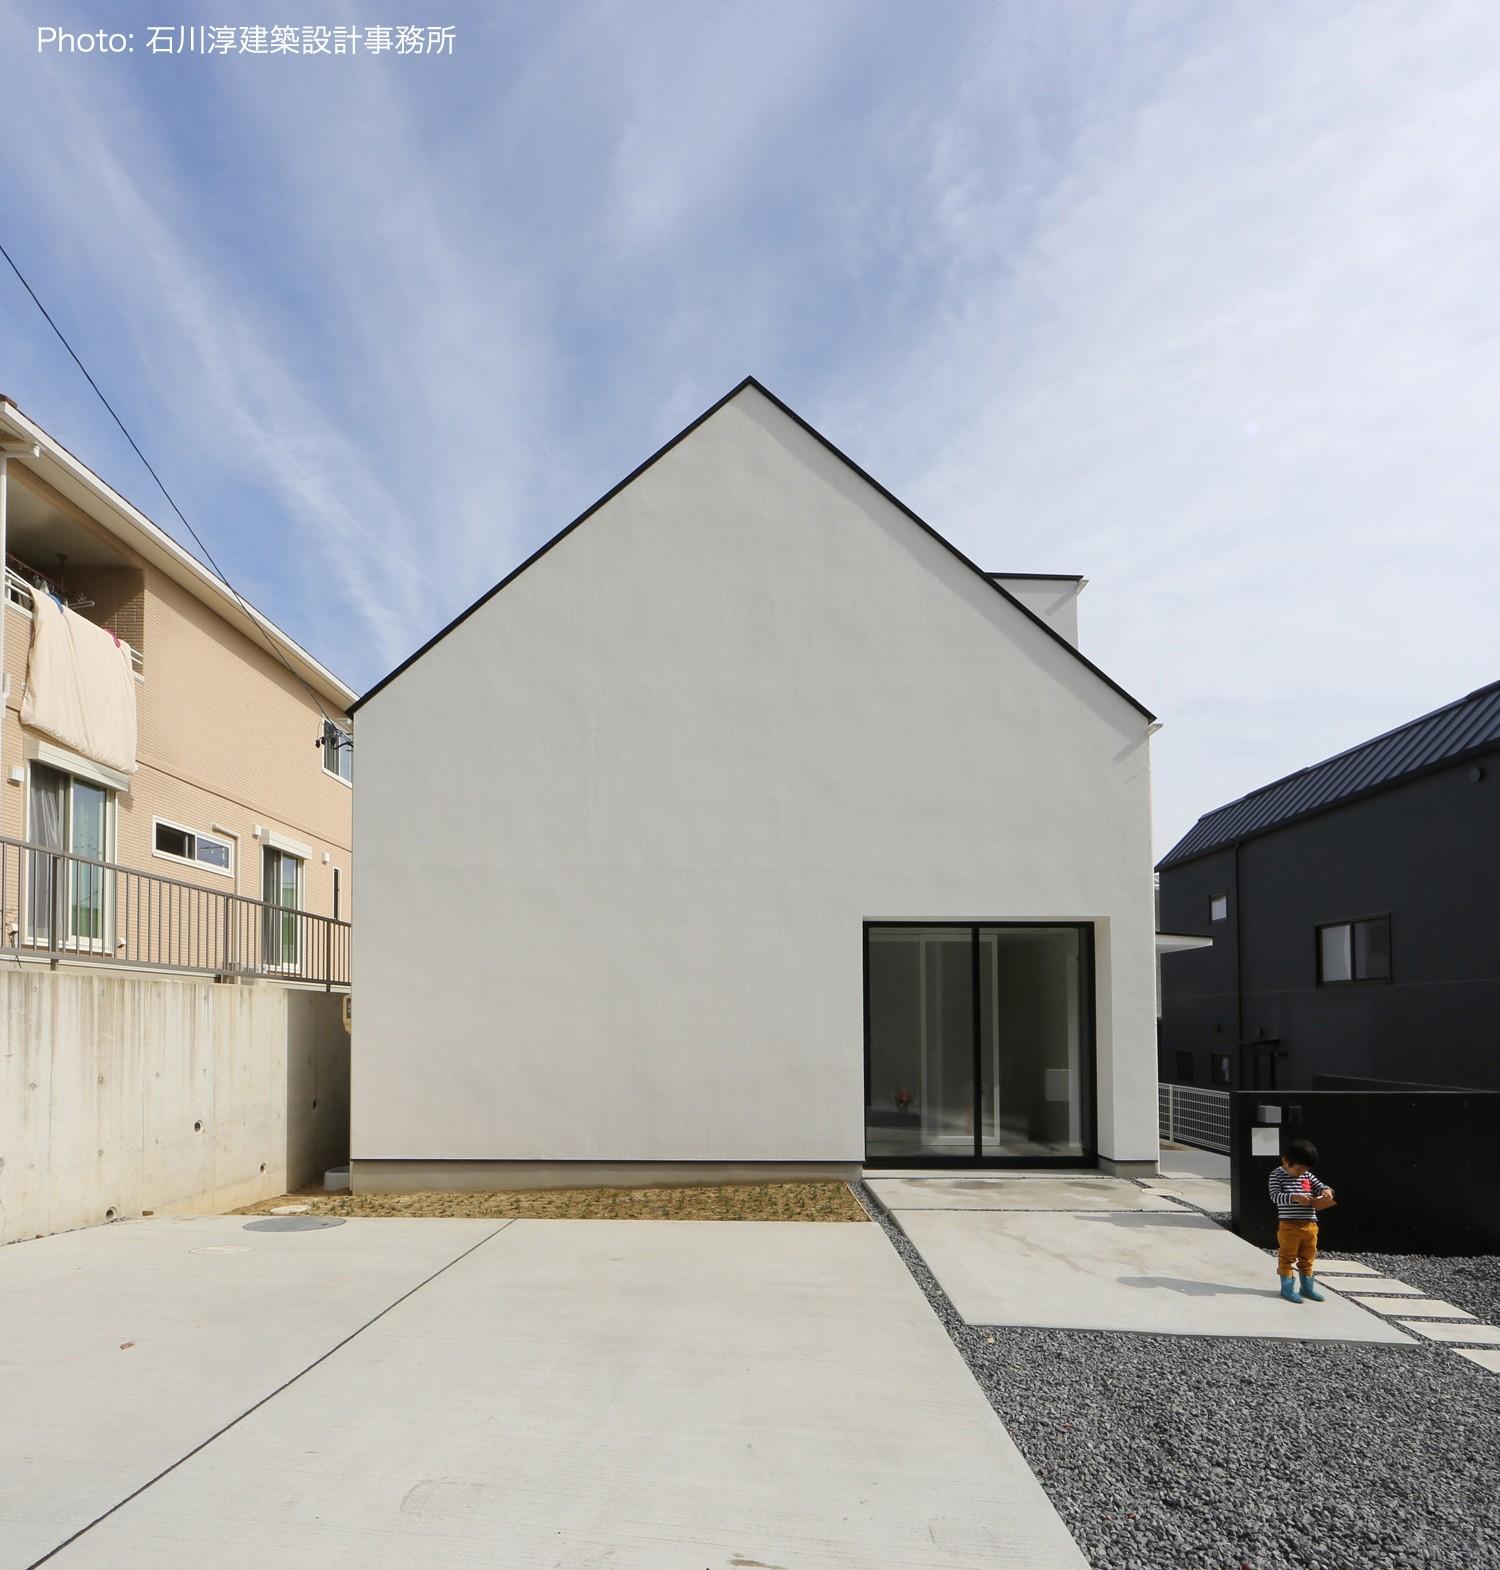 外観事例:愛知 広い土間玄関の家 OUCHI-35(デザイン住宅外観いろいろ)